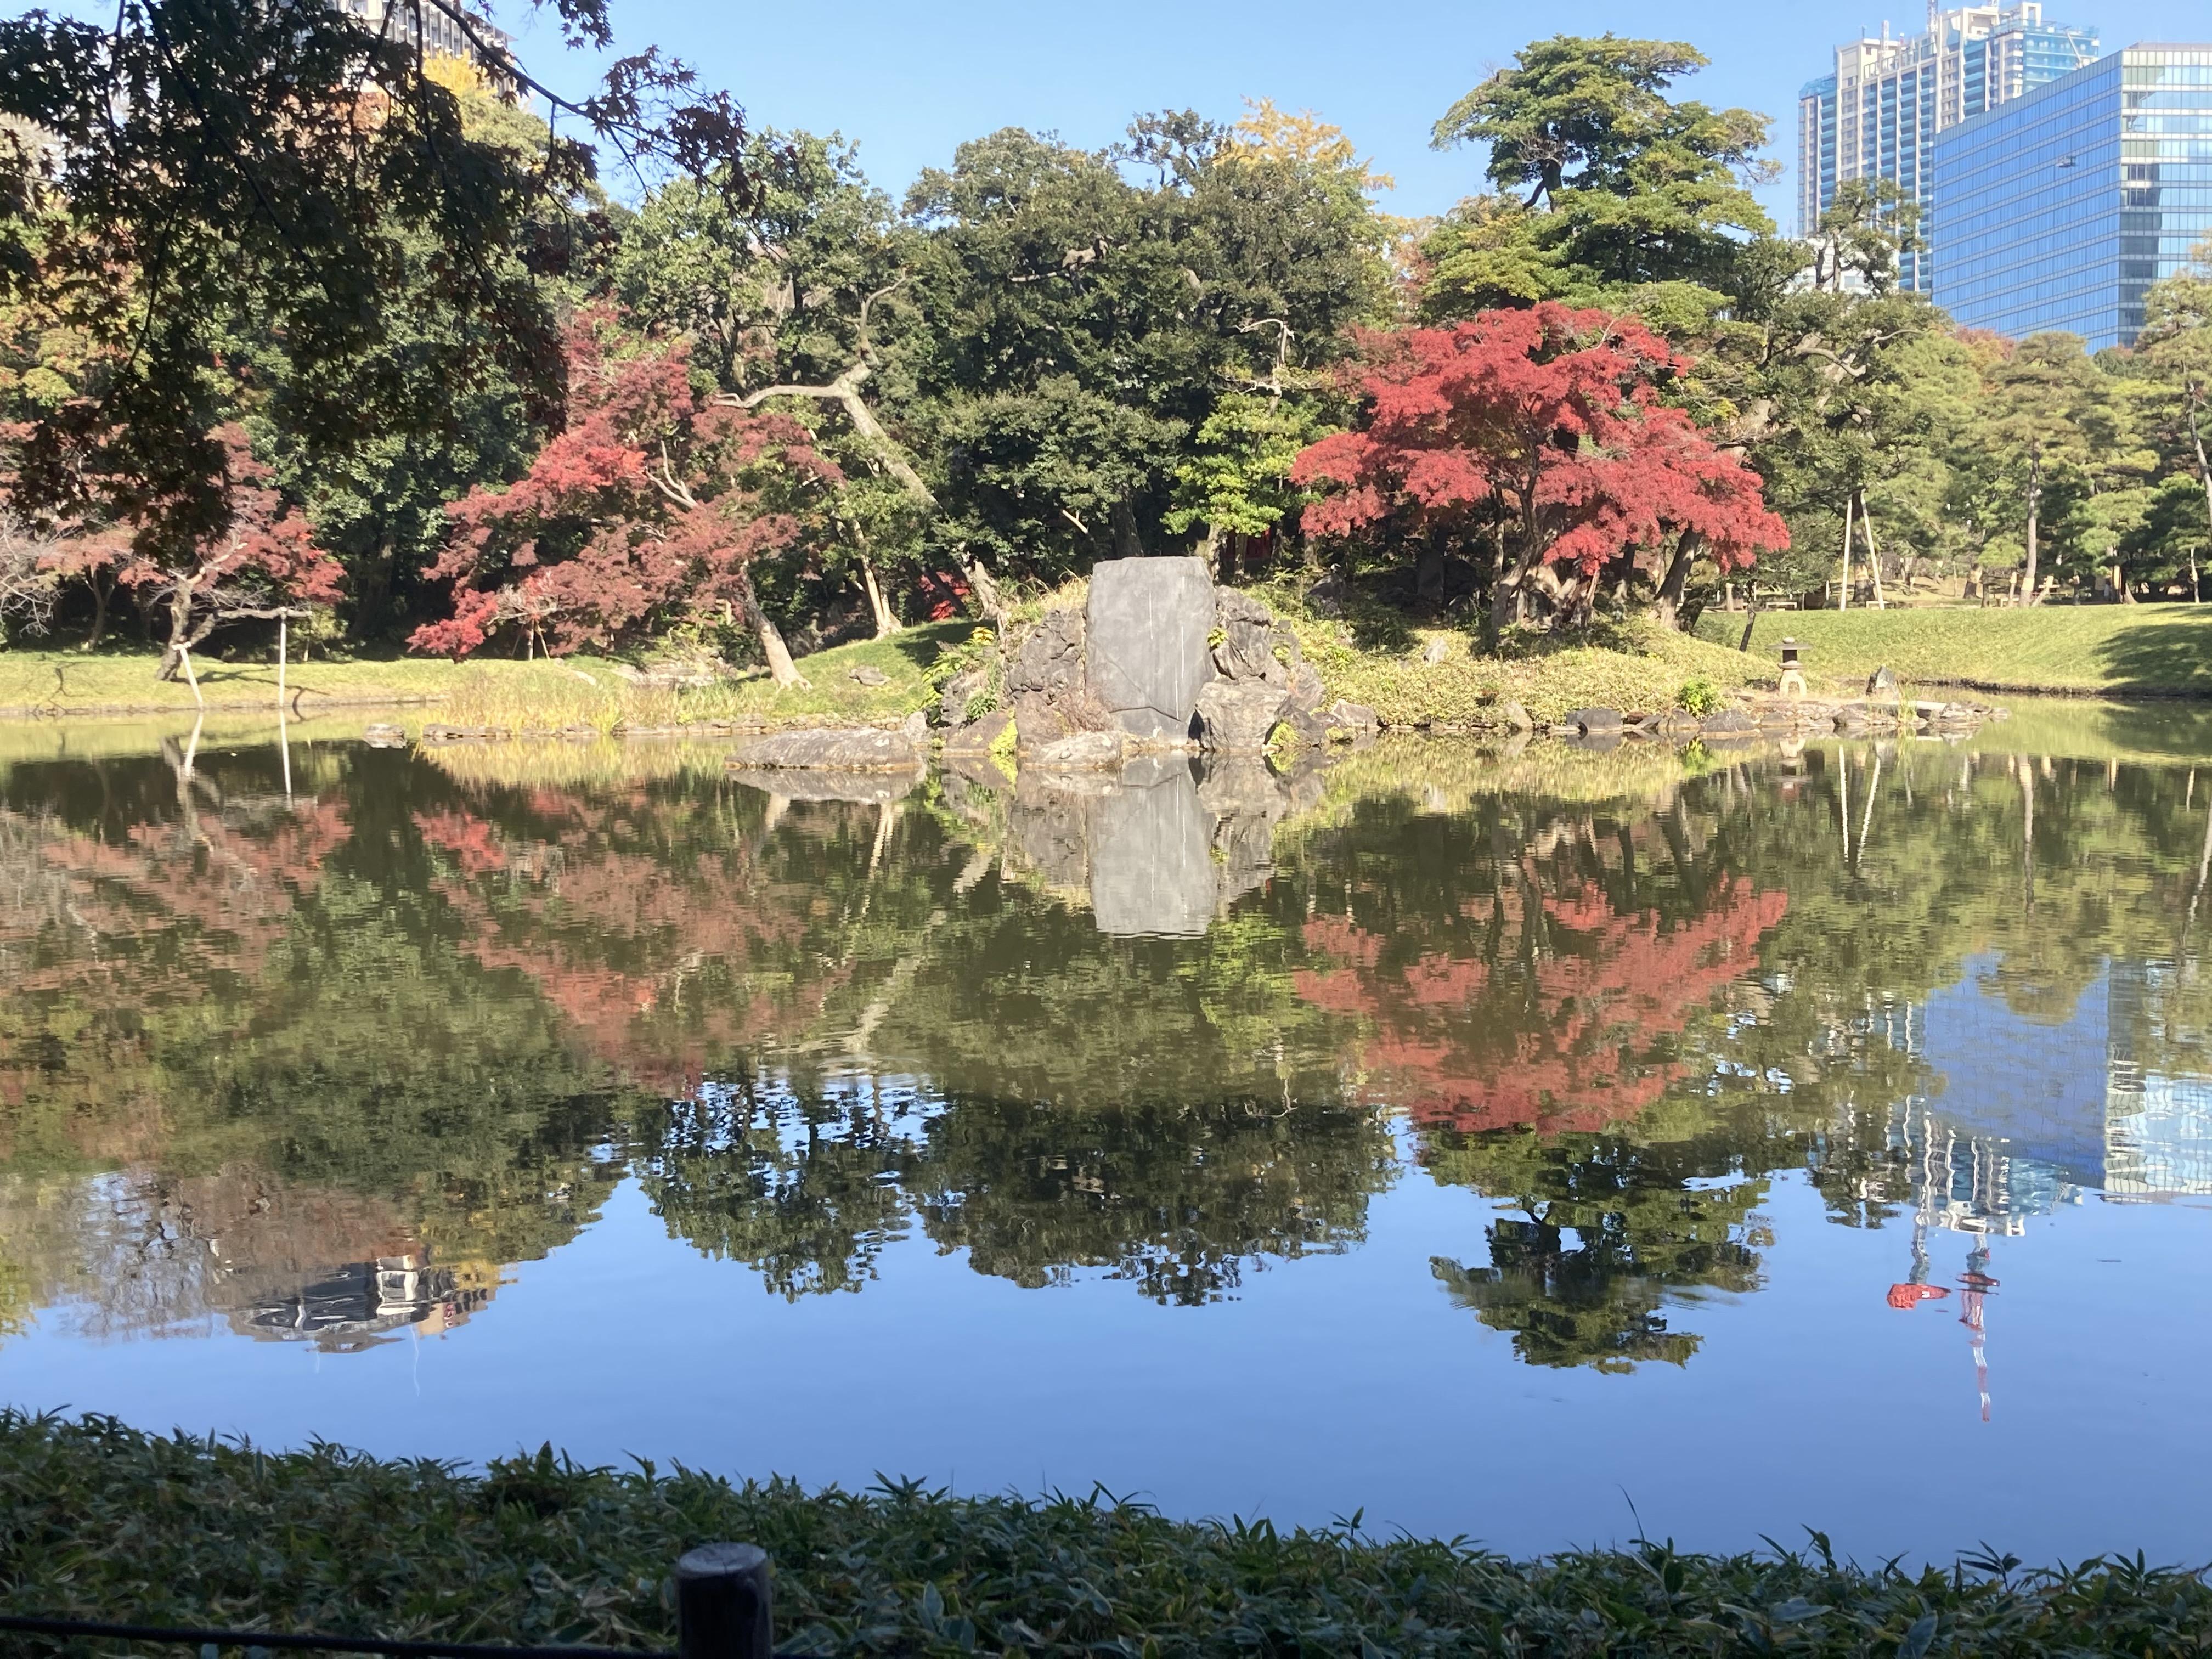 A November day in Koishikawa Korakuen